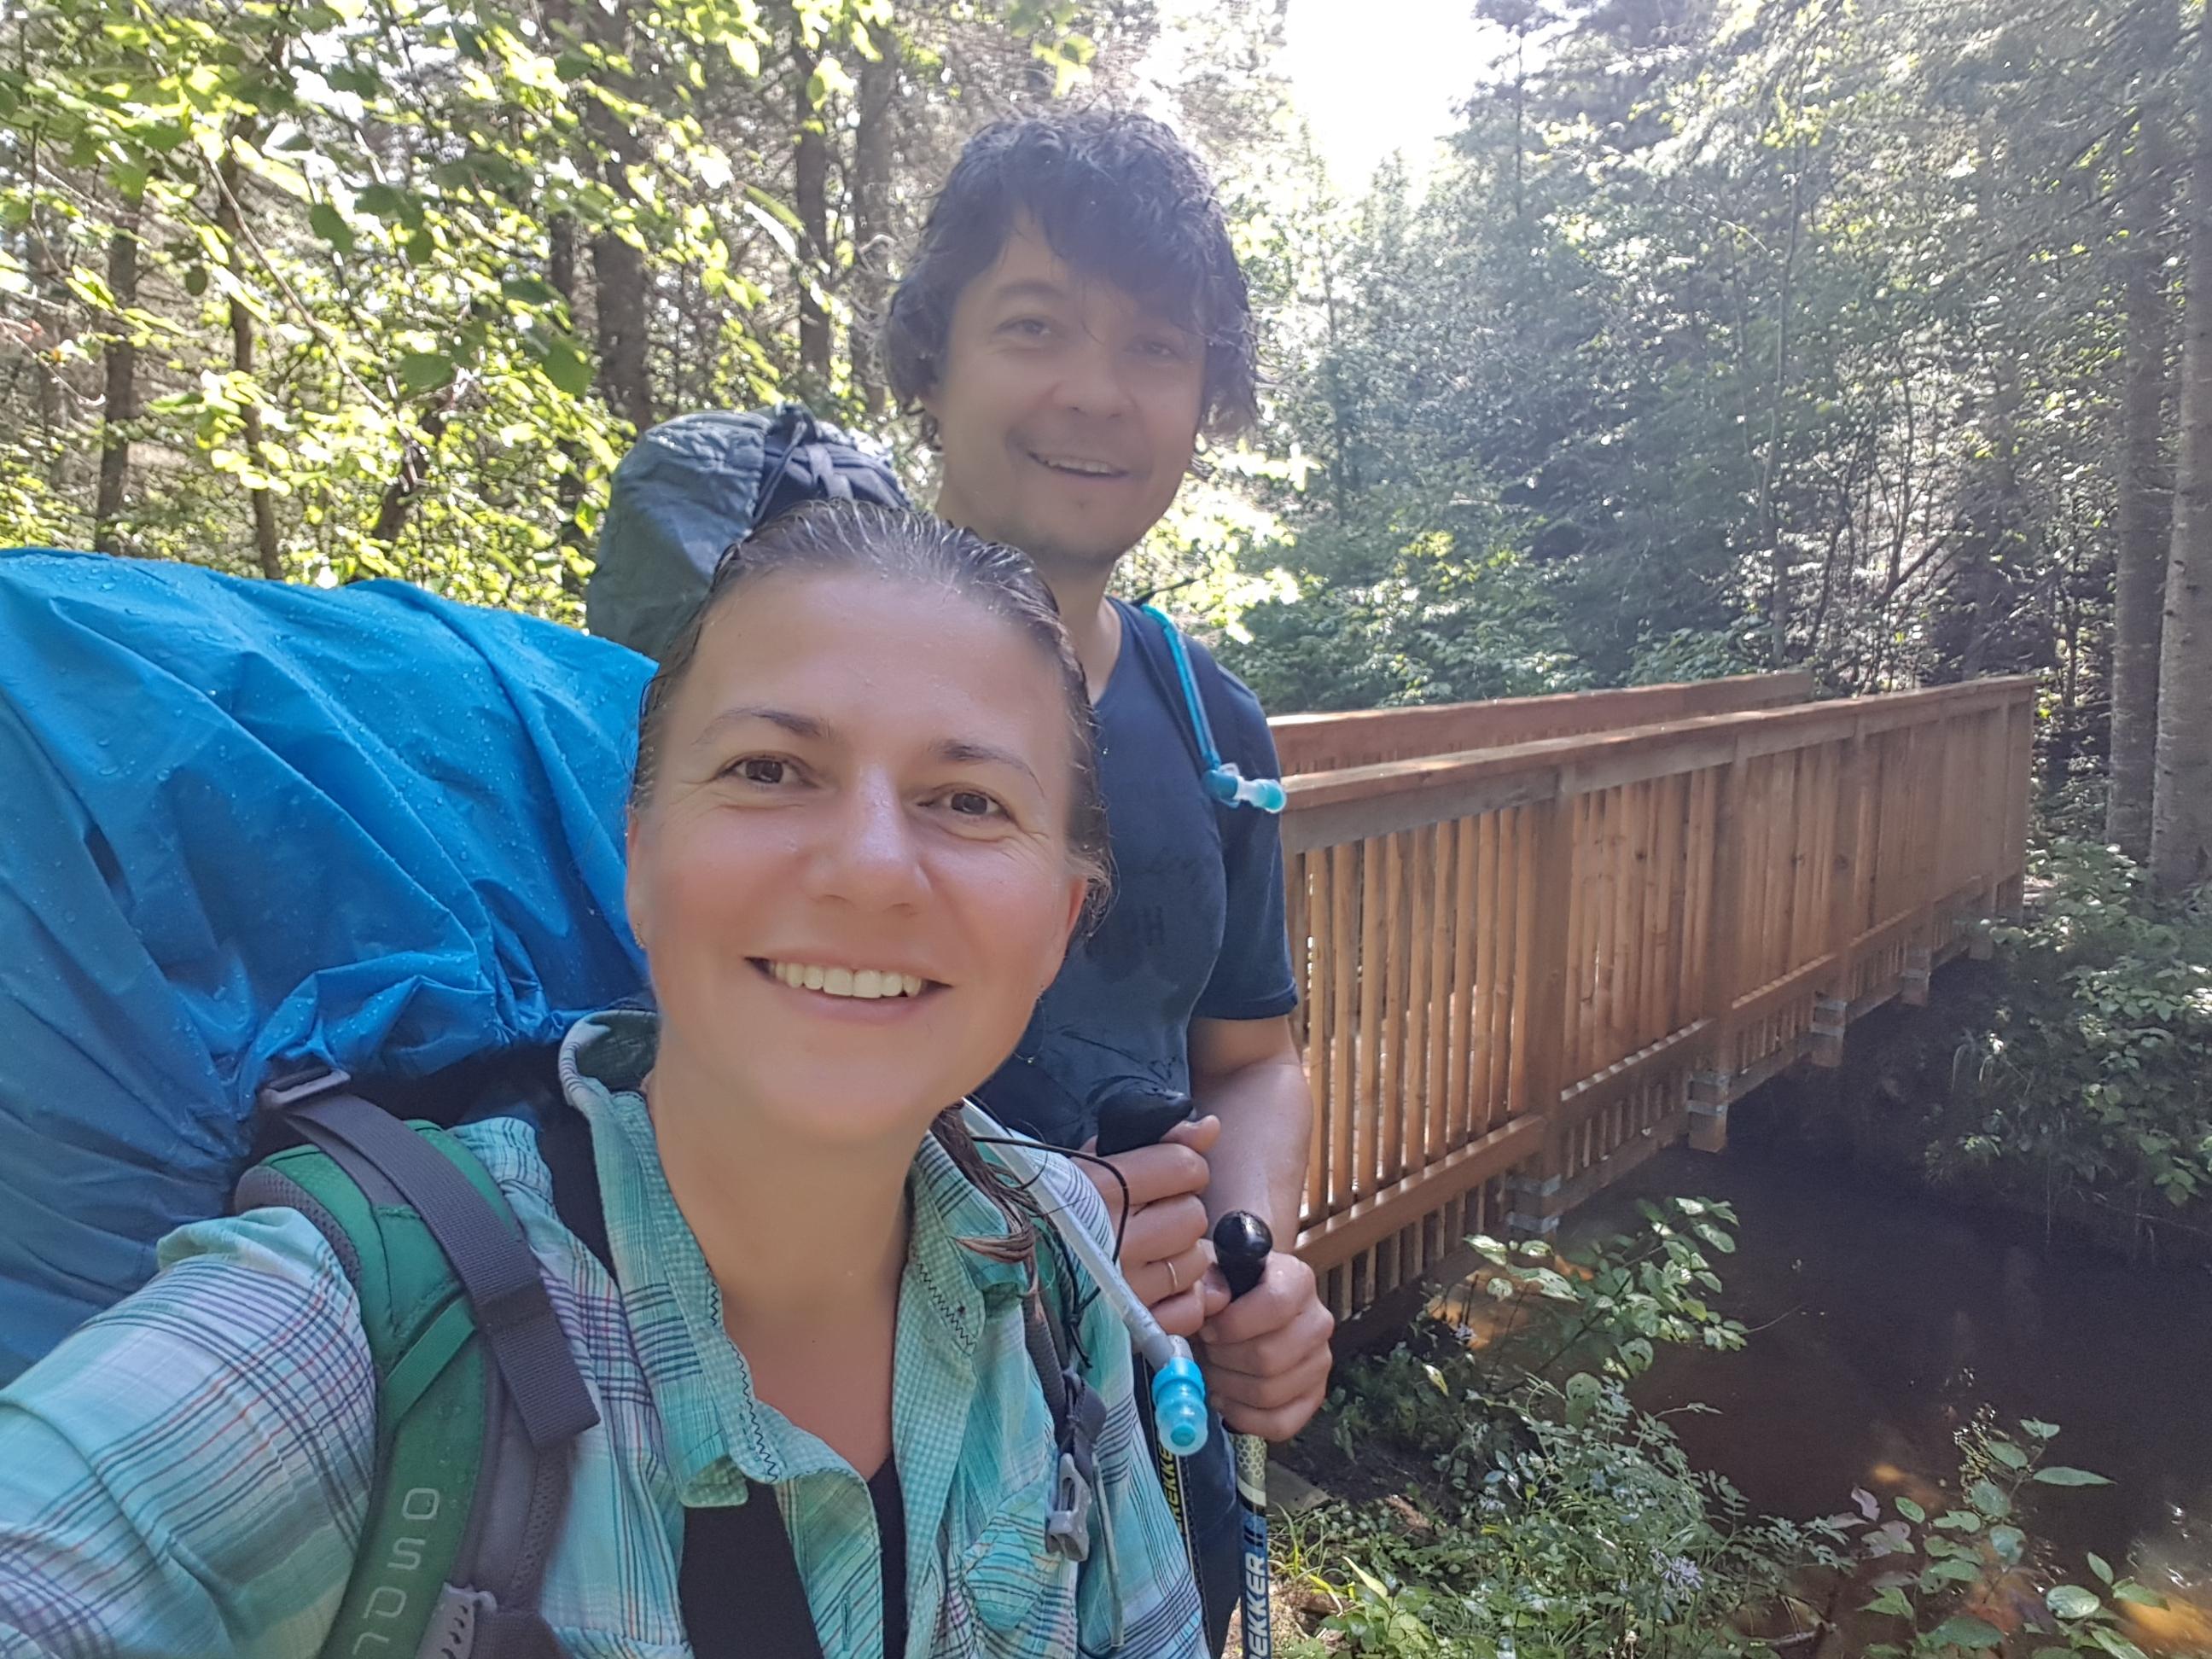 hiking Coastal Trail at Pukaskwa National Park